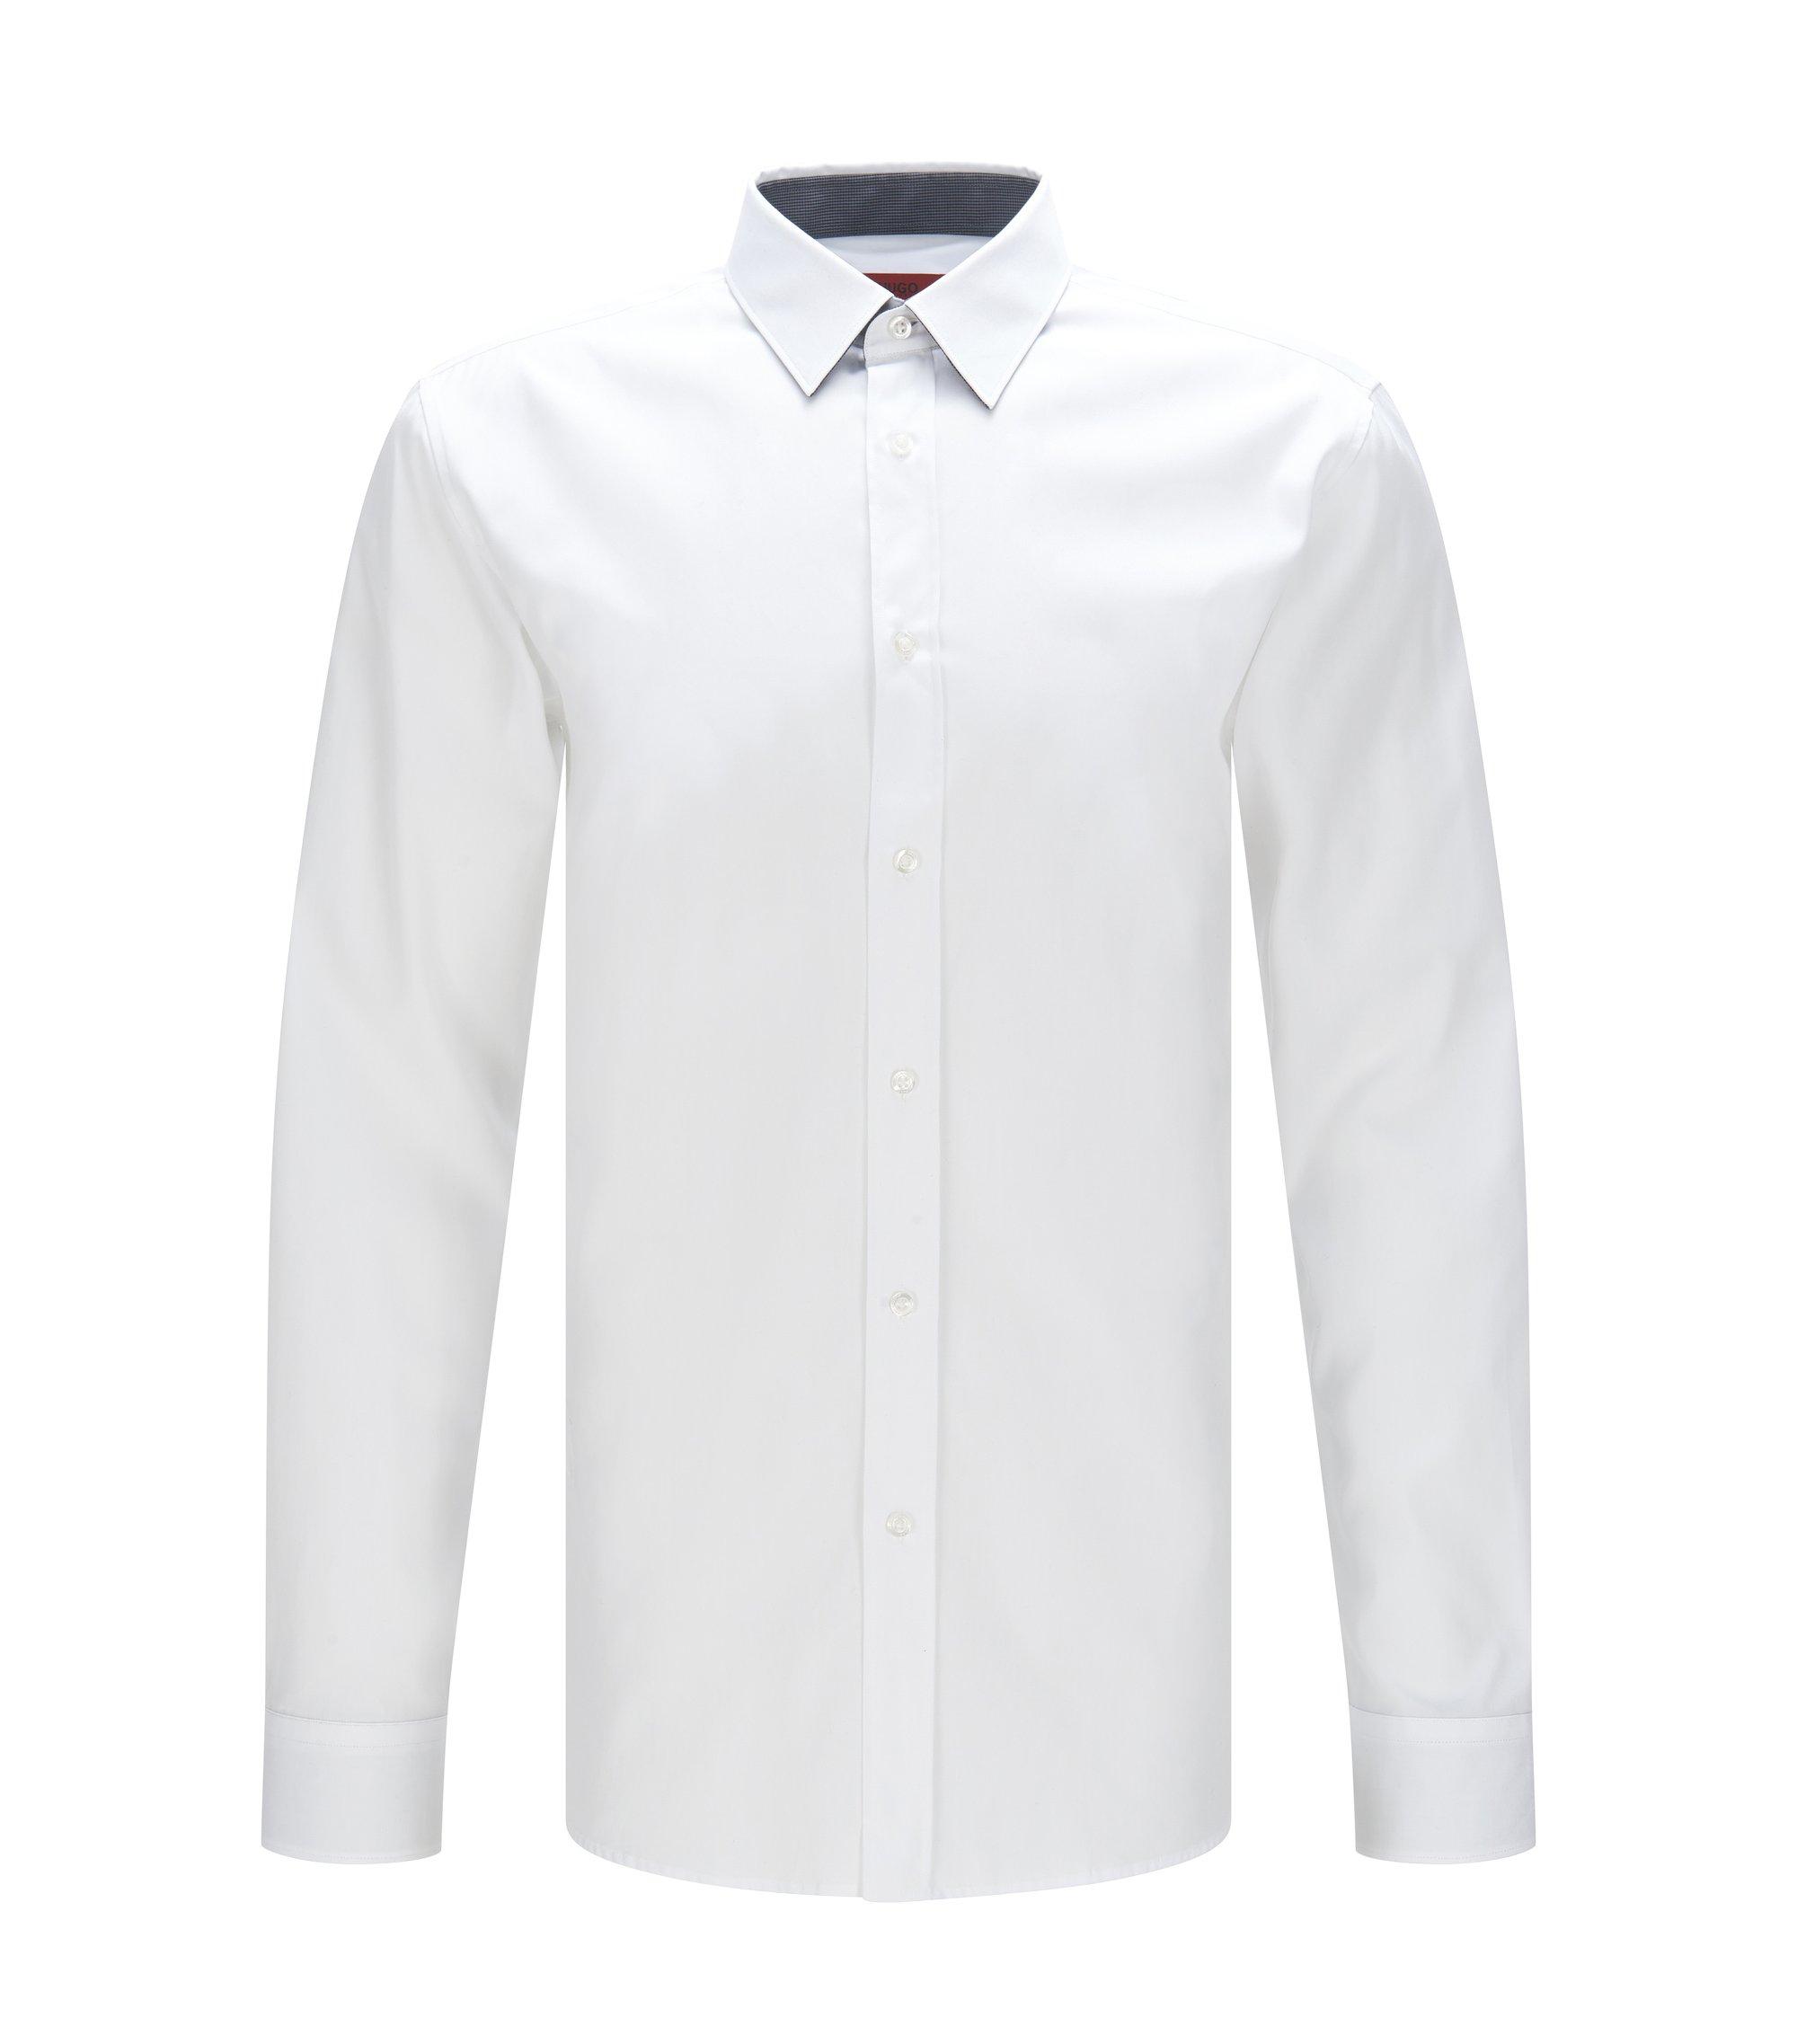 Cotton Easy Iron Button Down Shirt, Extra Slim Fit | Elisha, Open White